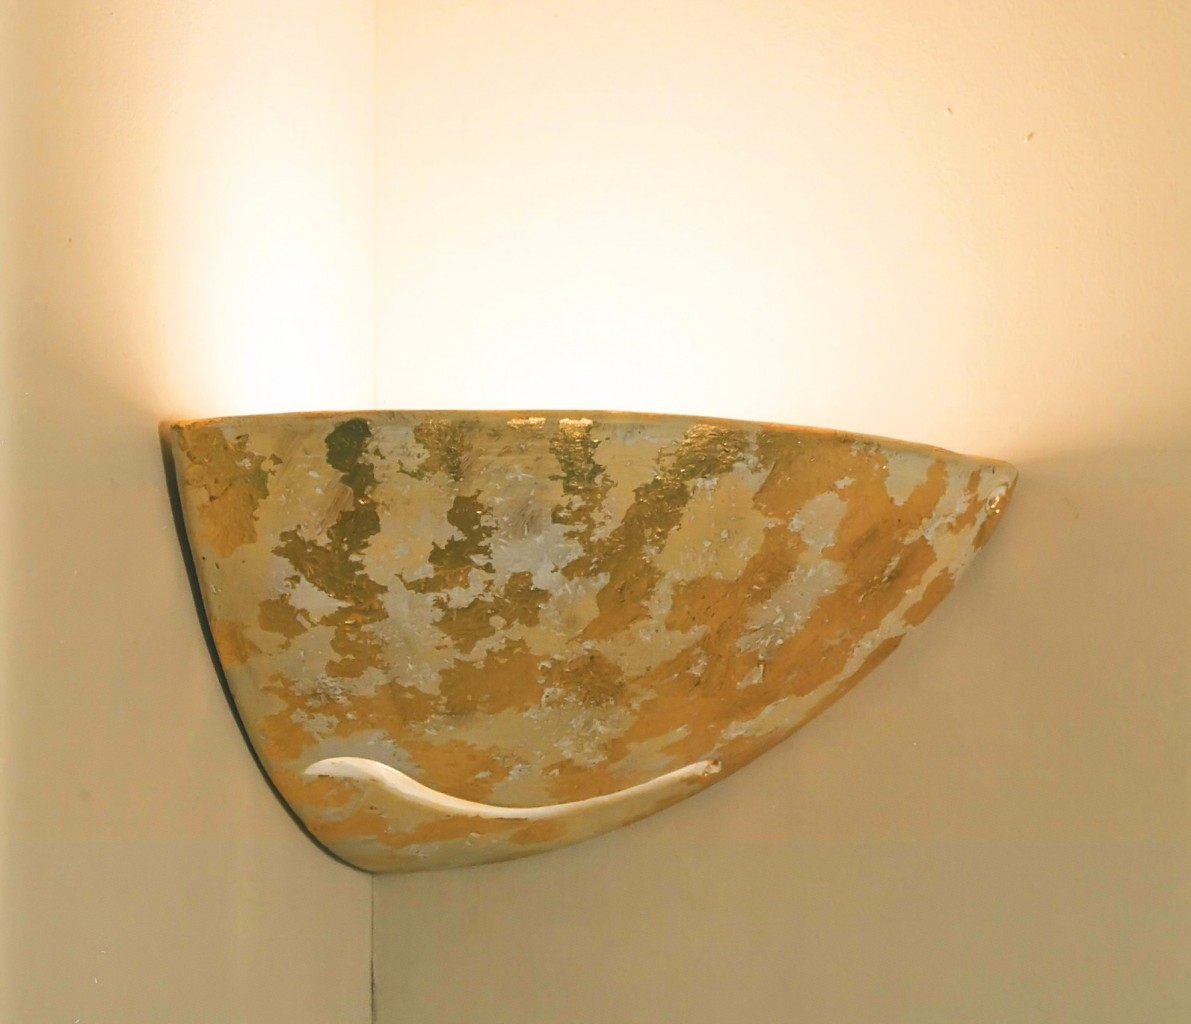 lampadari terracotta : Toscot Lampada da parete CERTALDO 134E - Vendita lampadari online